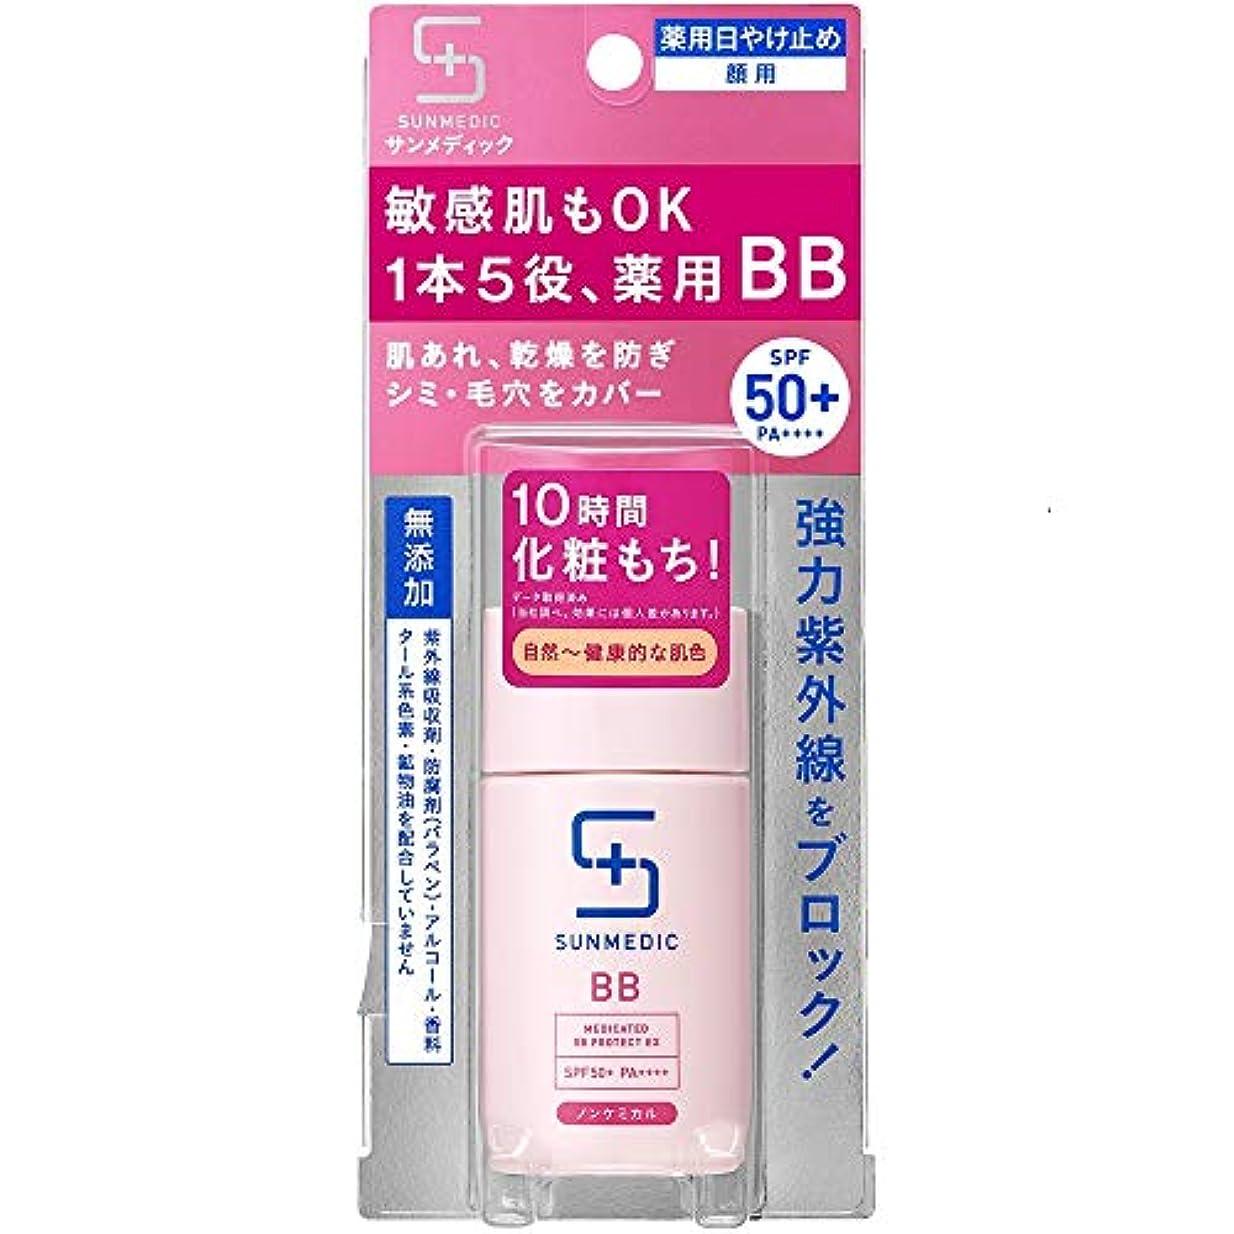 一元化する雑草メンターサンメディックUV 薬用BBプロテクトEX ナチュラル 30ml (医薬部外品)